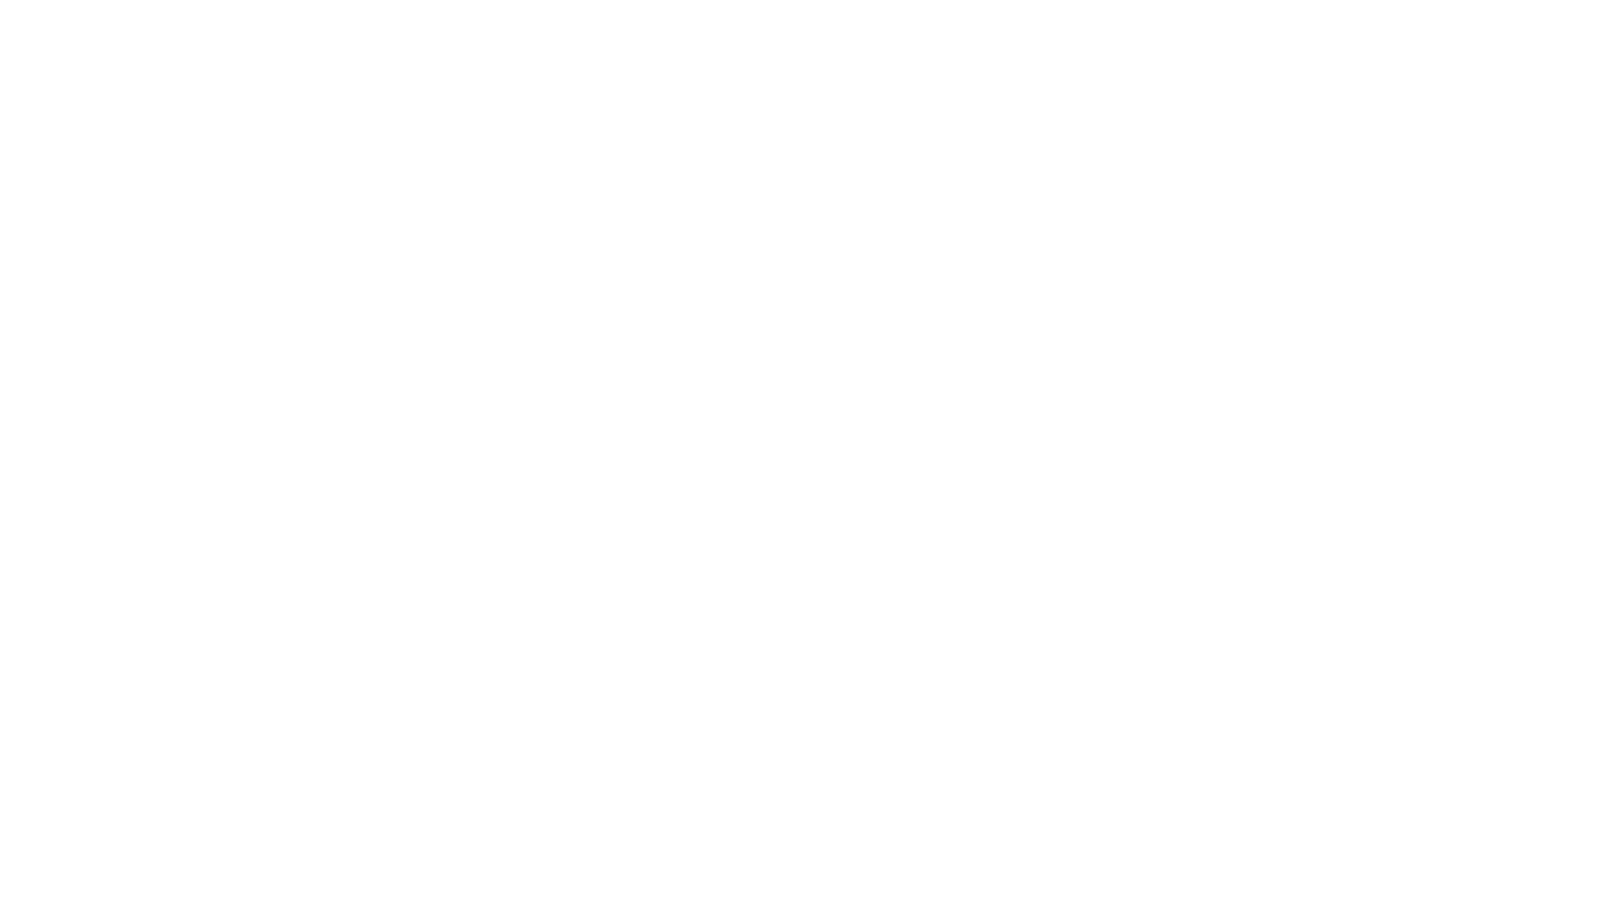 Videobeschreibung Wildsauweg - Juli 2019